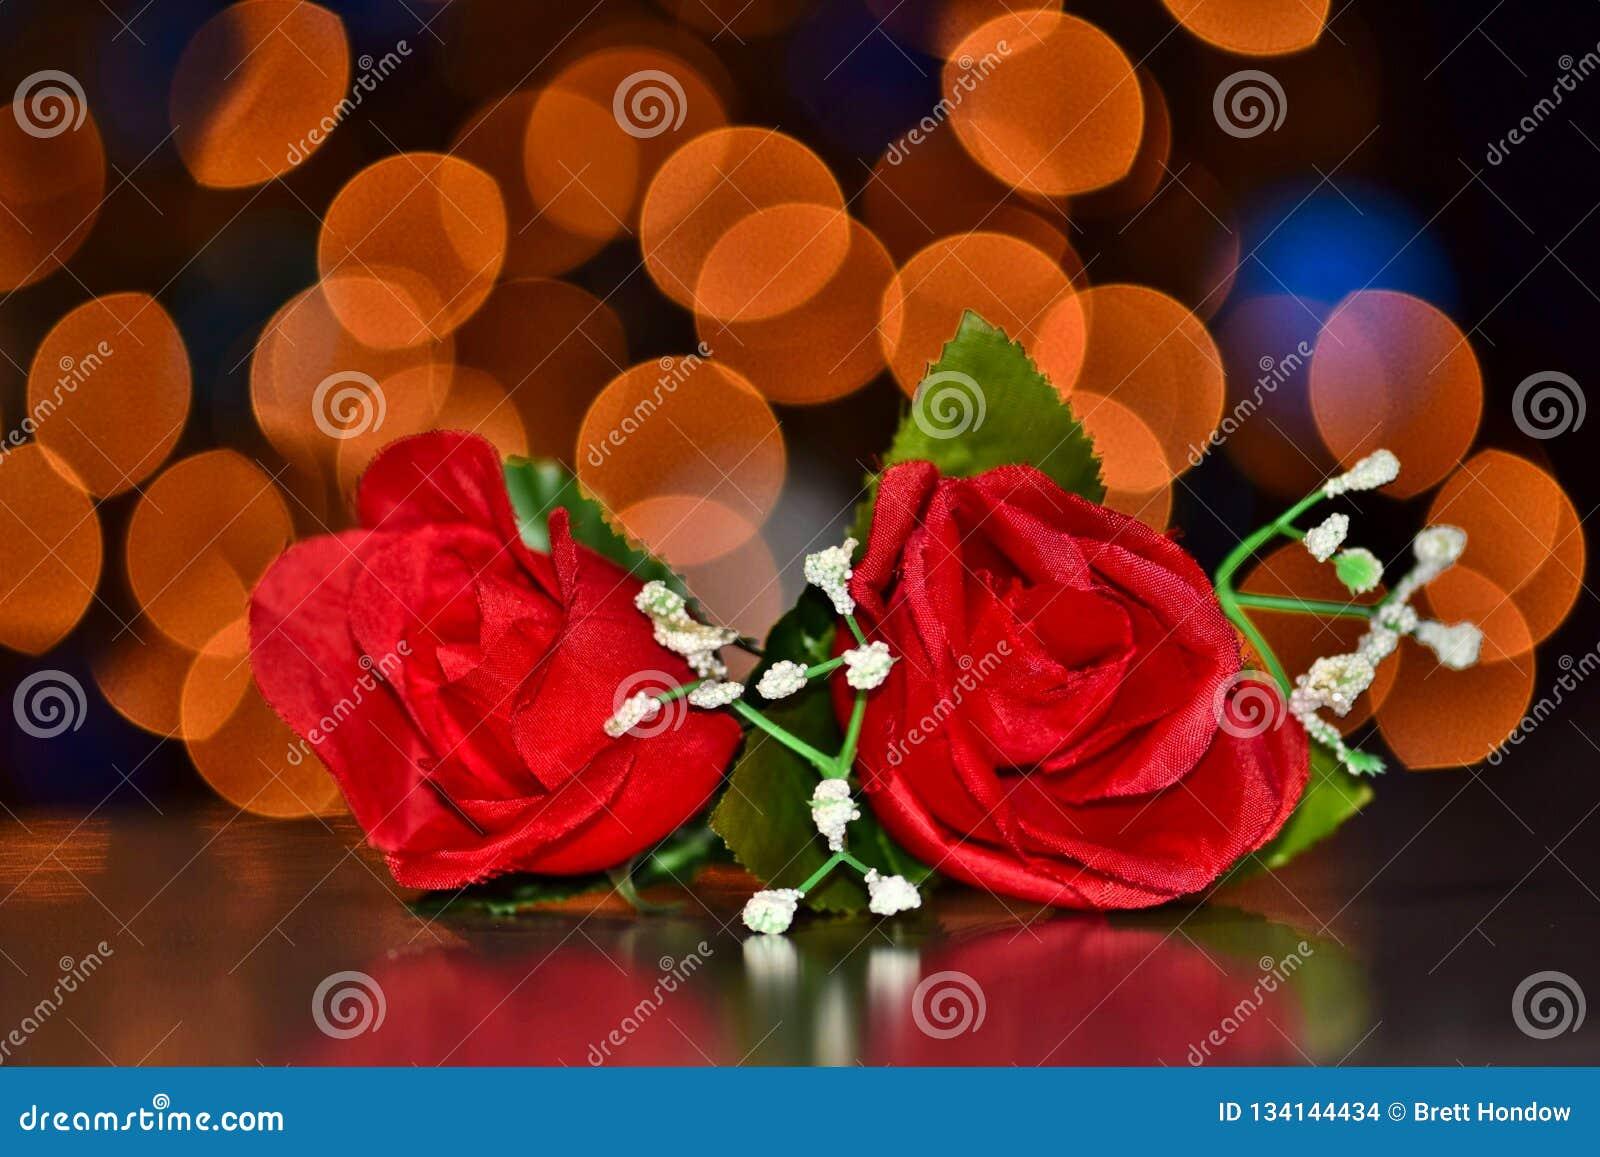 Twee rode rozen met bokehlichten